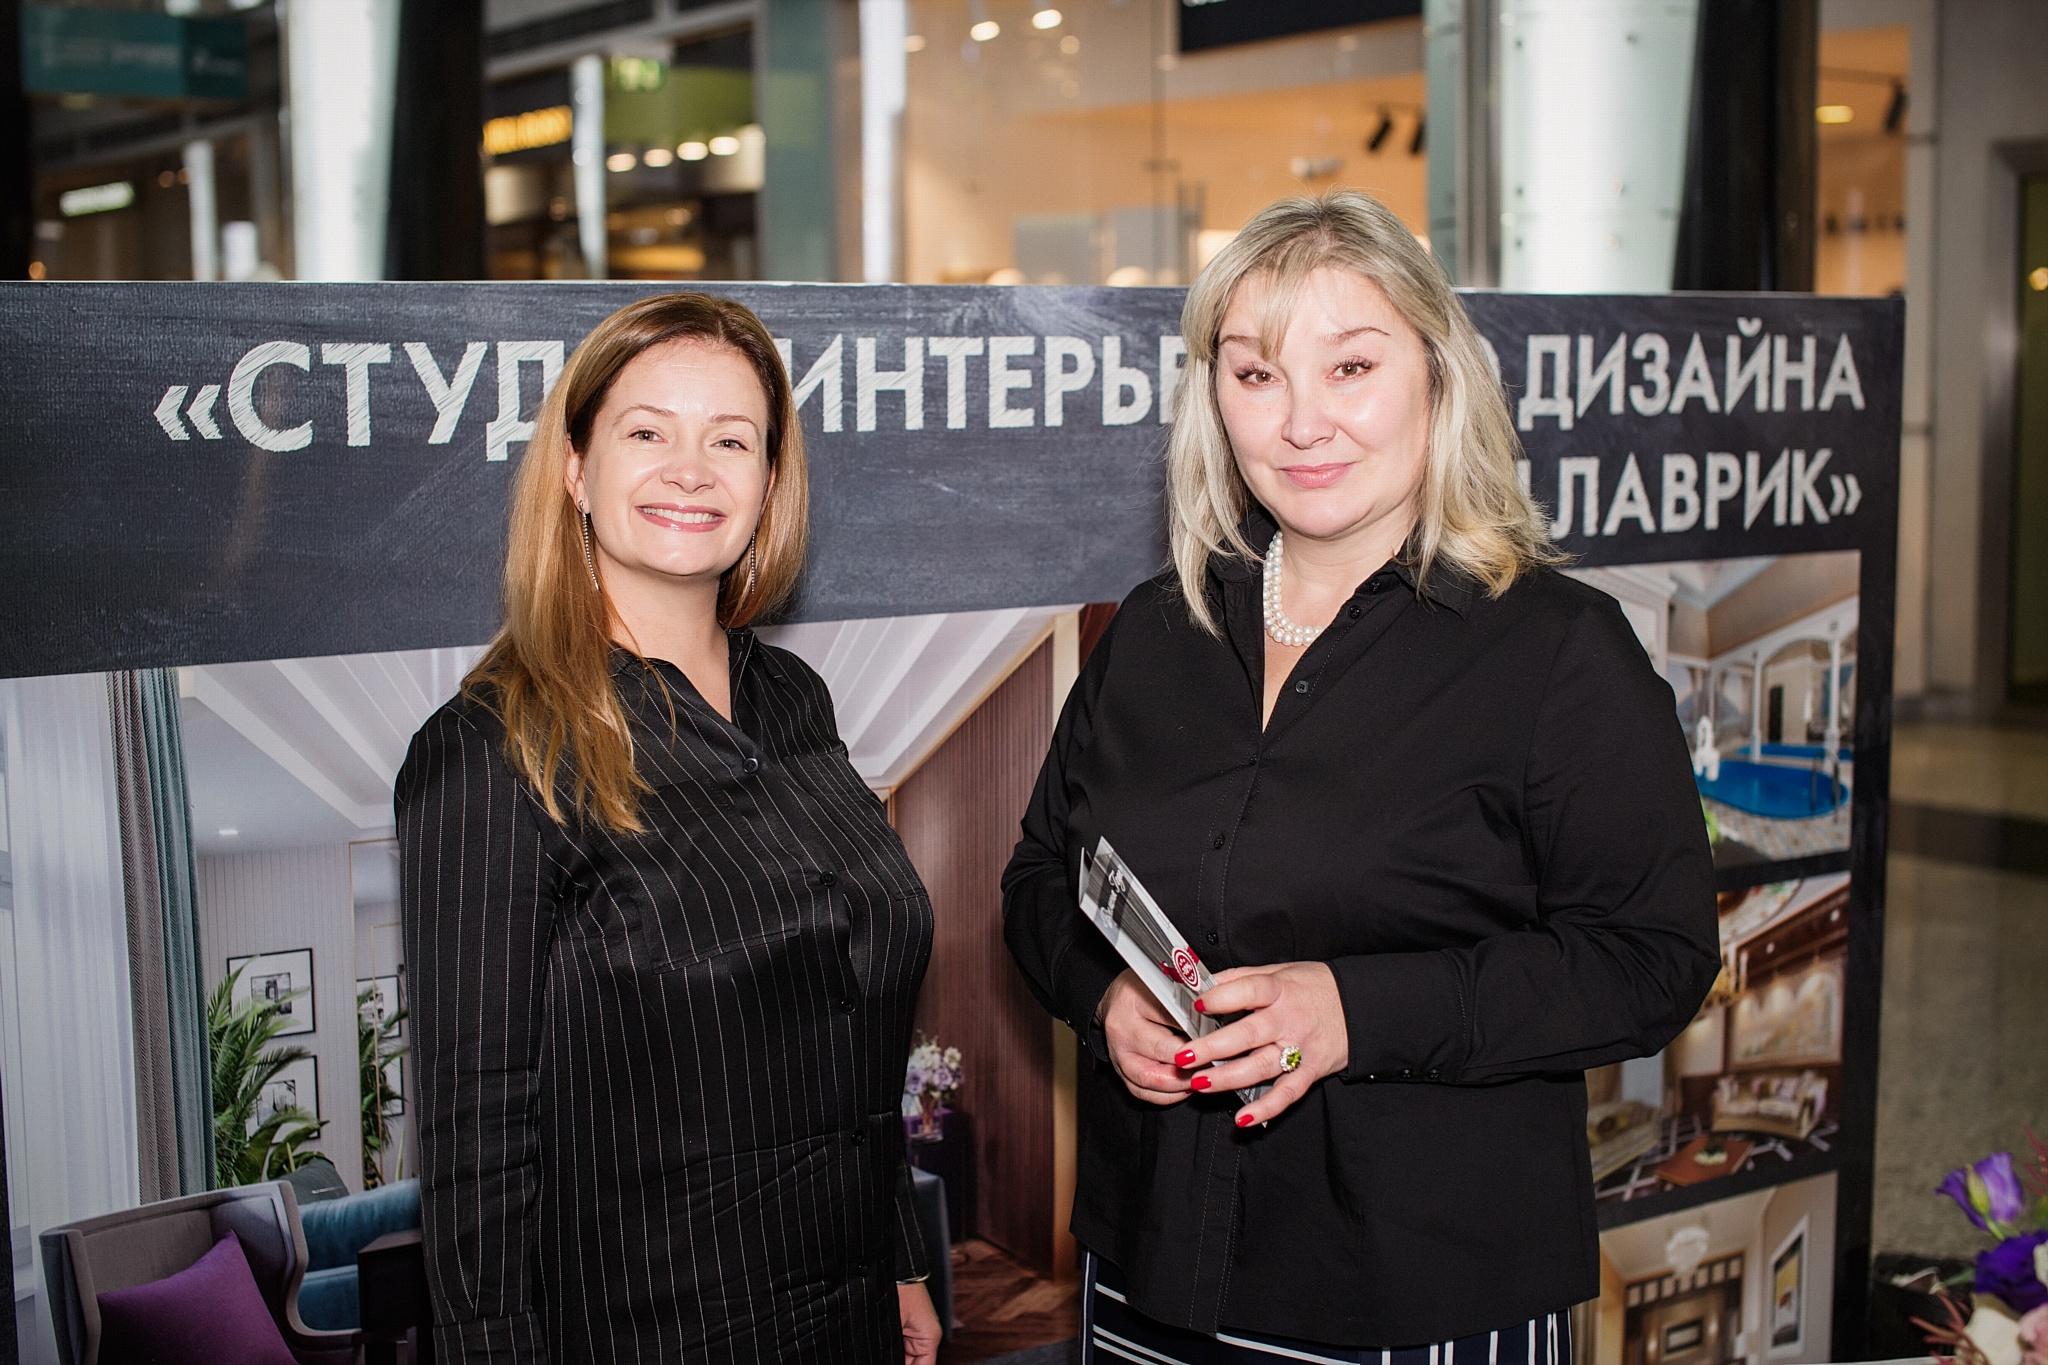 Дизайнер интерьера Ирина Лаврик (слева)